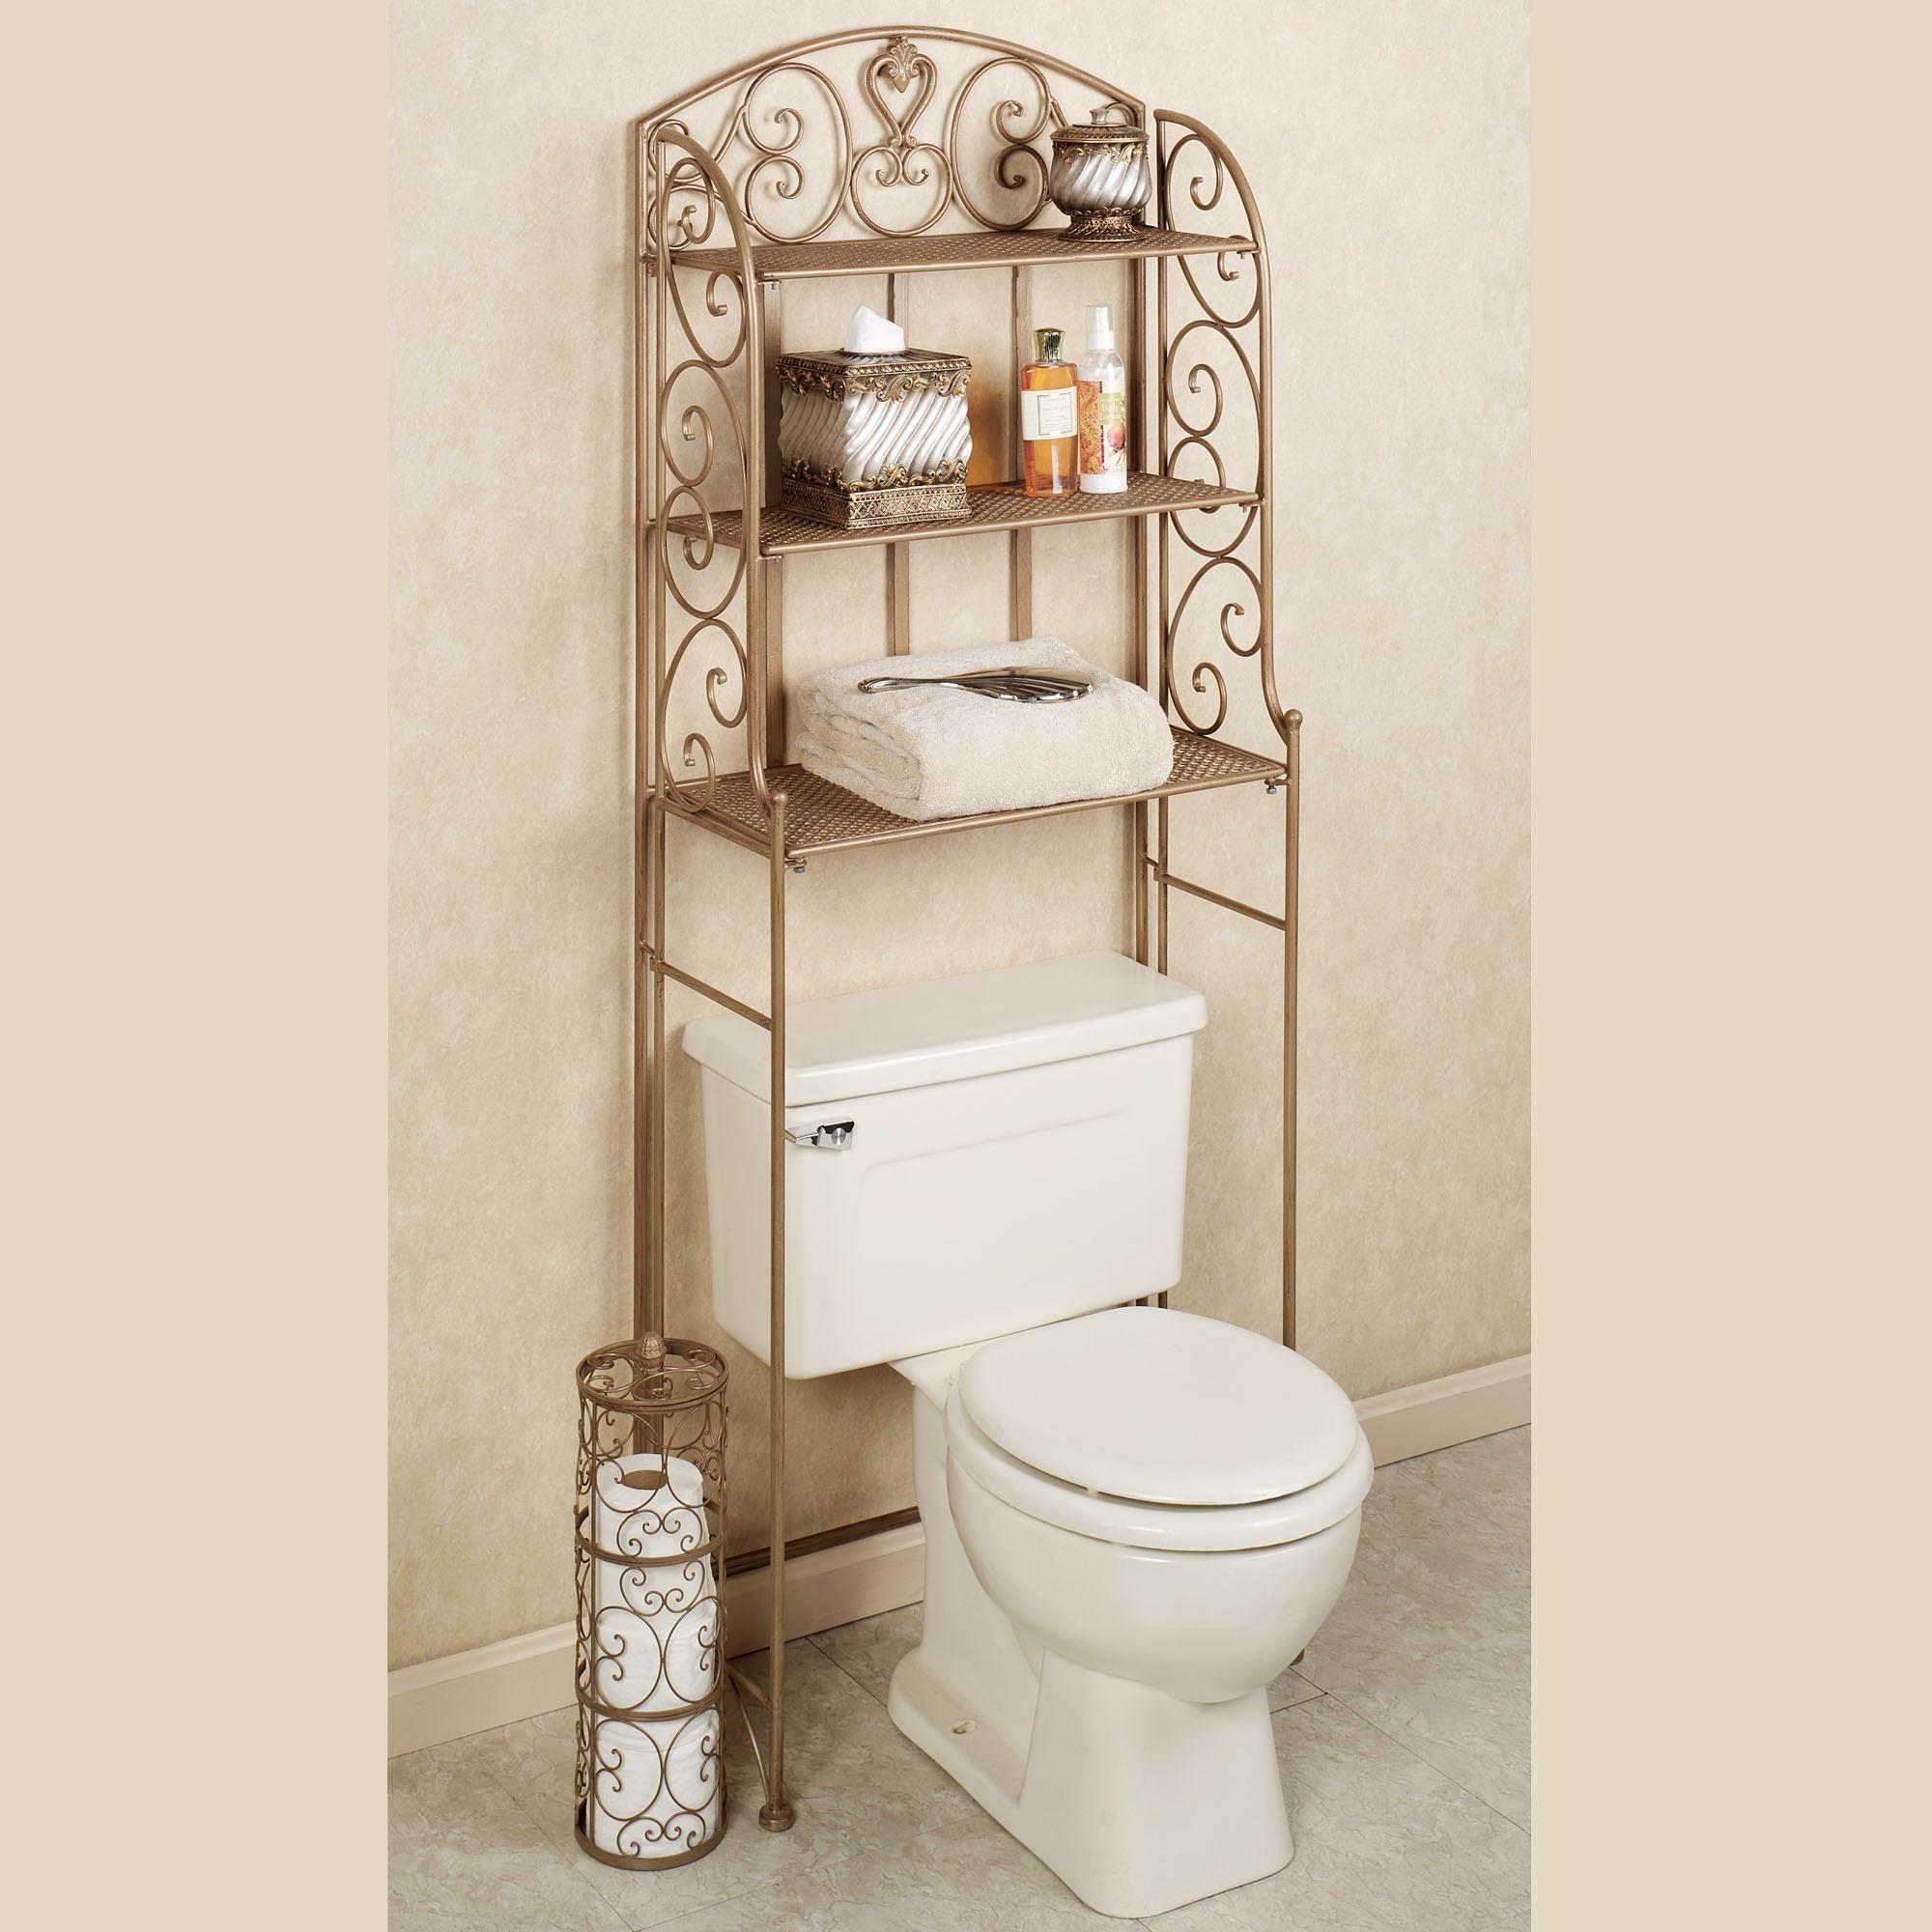 Smartly A Bathroom Space Saver Goodworksfurniture Bathroom Space Savers Lowes Bathroom Space Saving Storage Bathroom Space Saver Aldabella Space Saver Satin Click To Expandlcvltqz How To Make Most houzz 01 Bathroom Space Savers